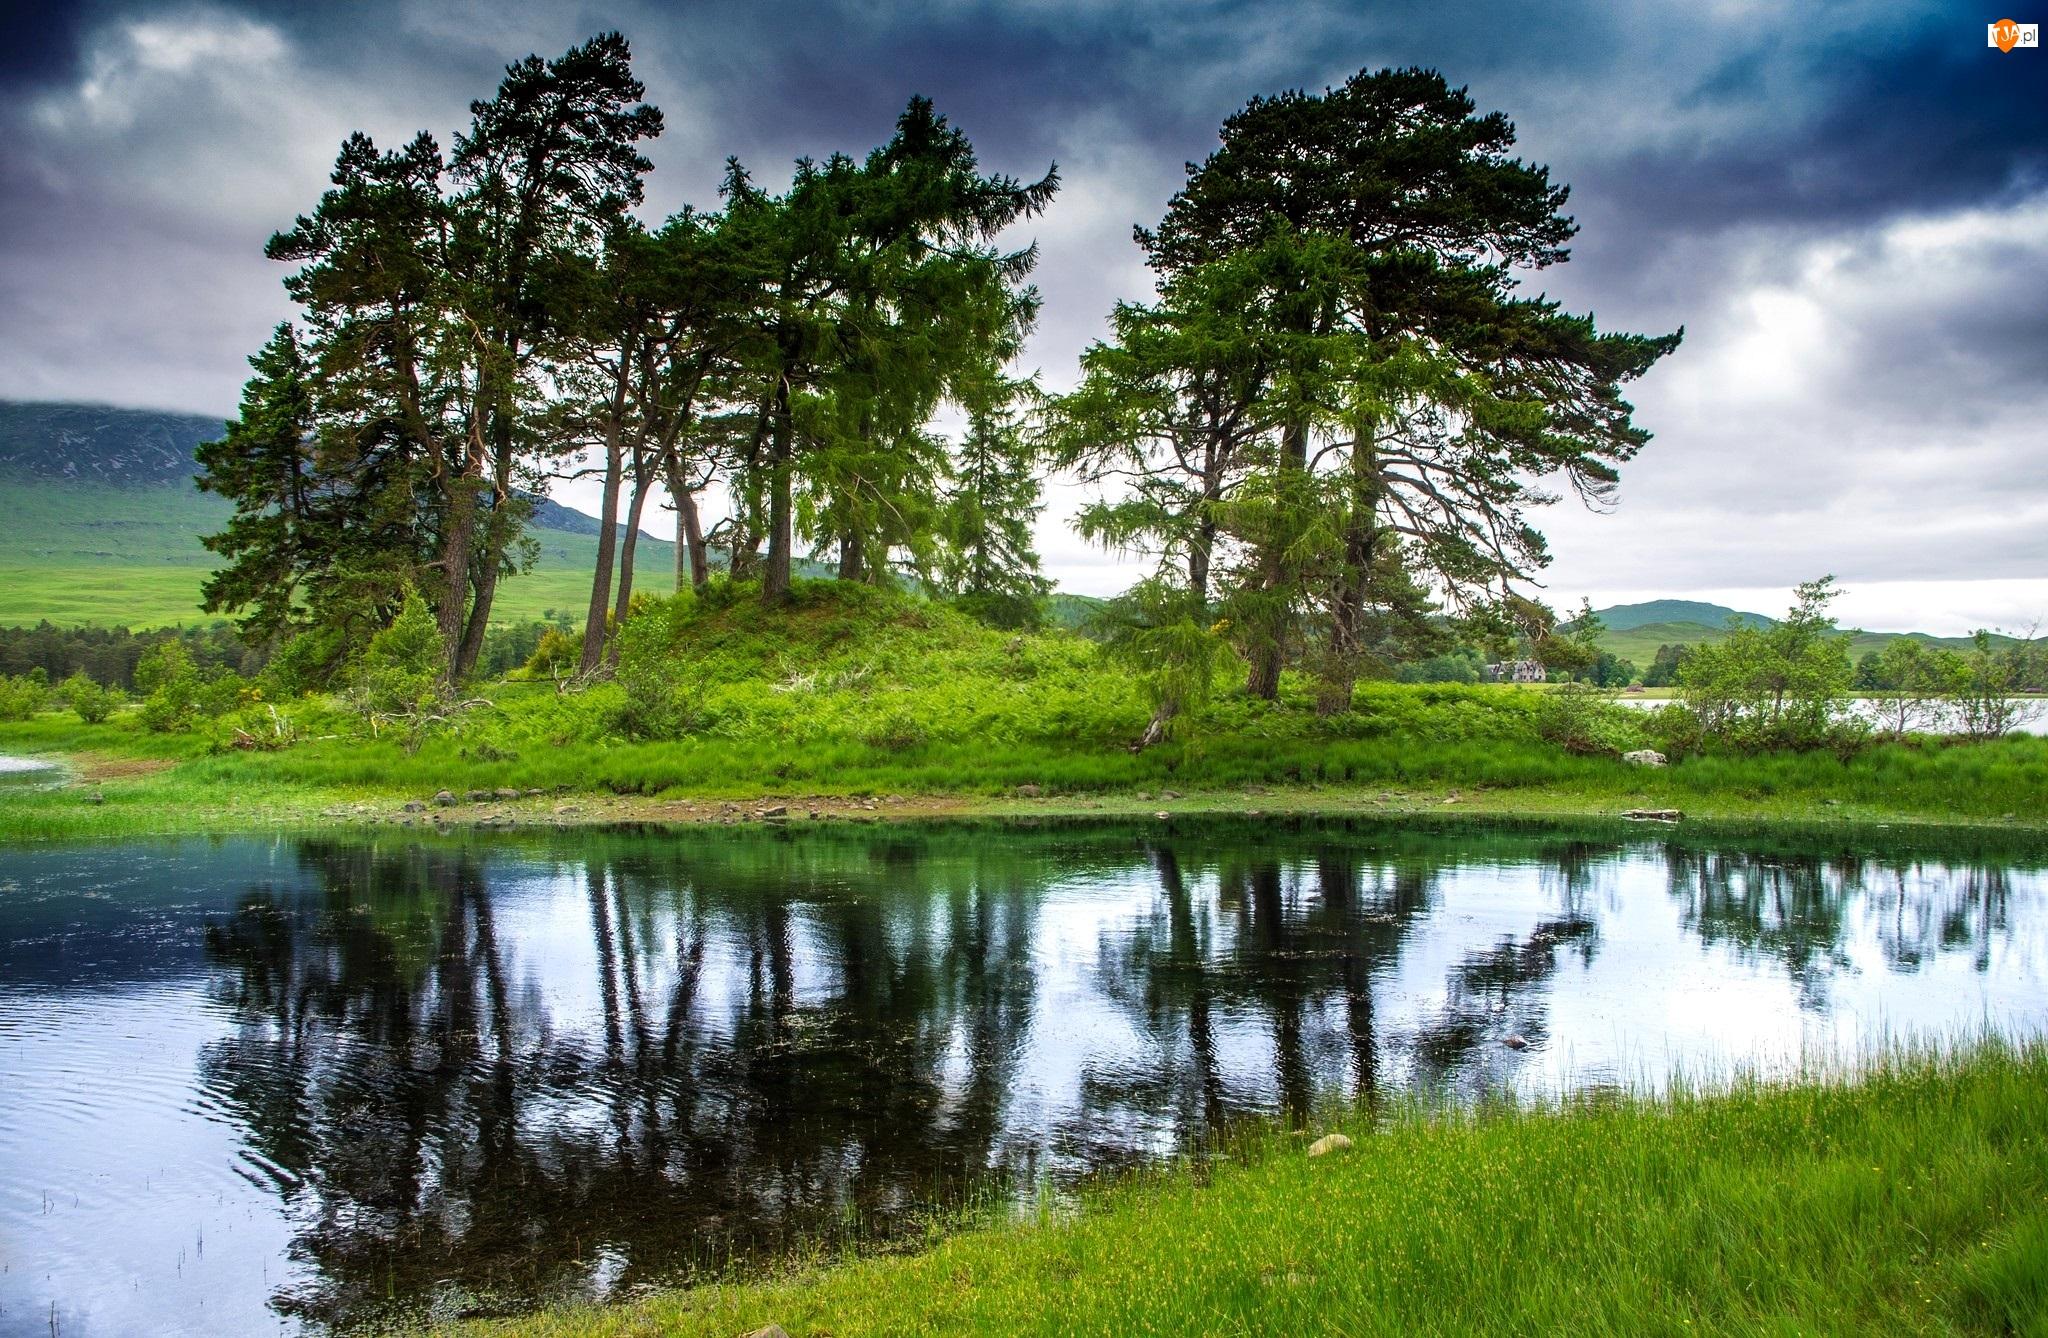 Rzeka, Odbicie, Łąka, Drzewa